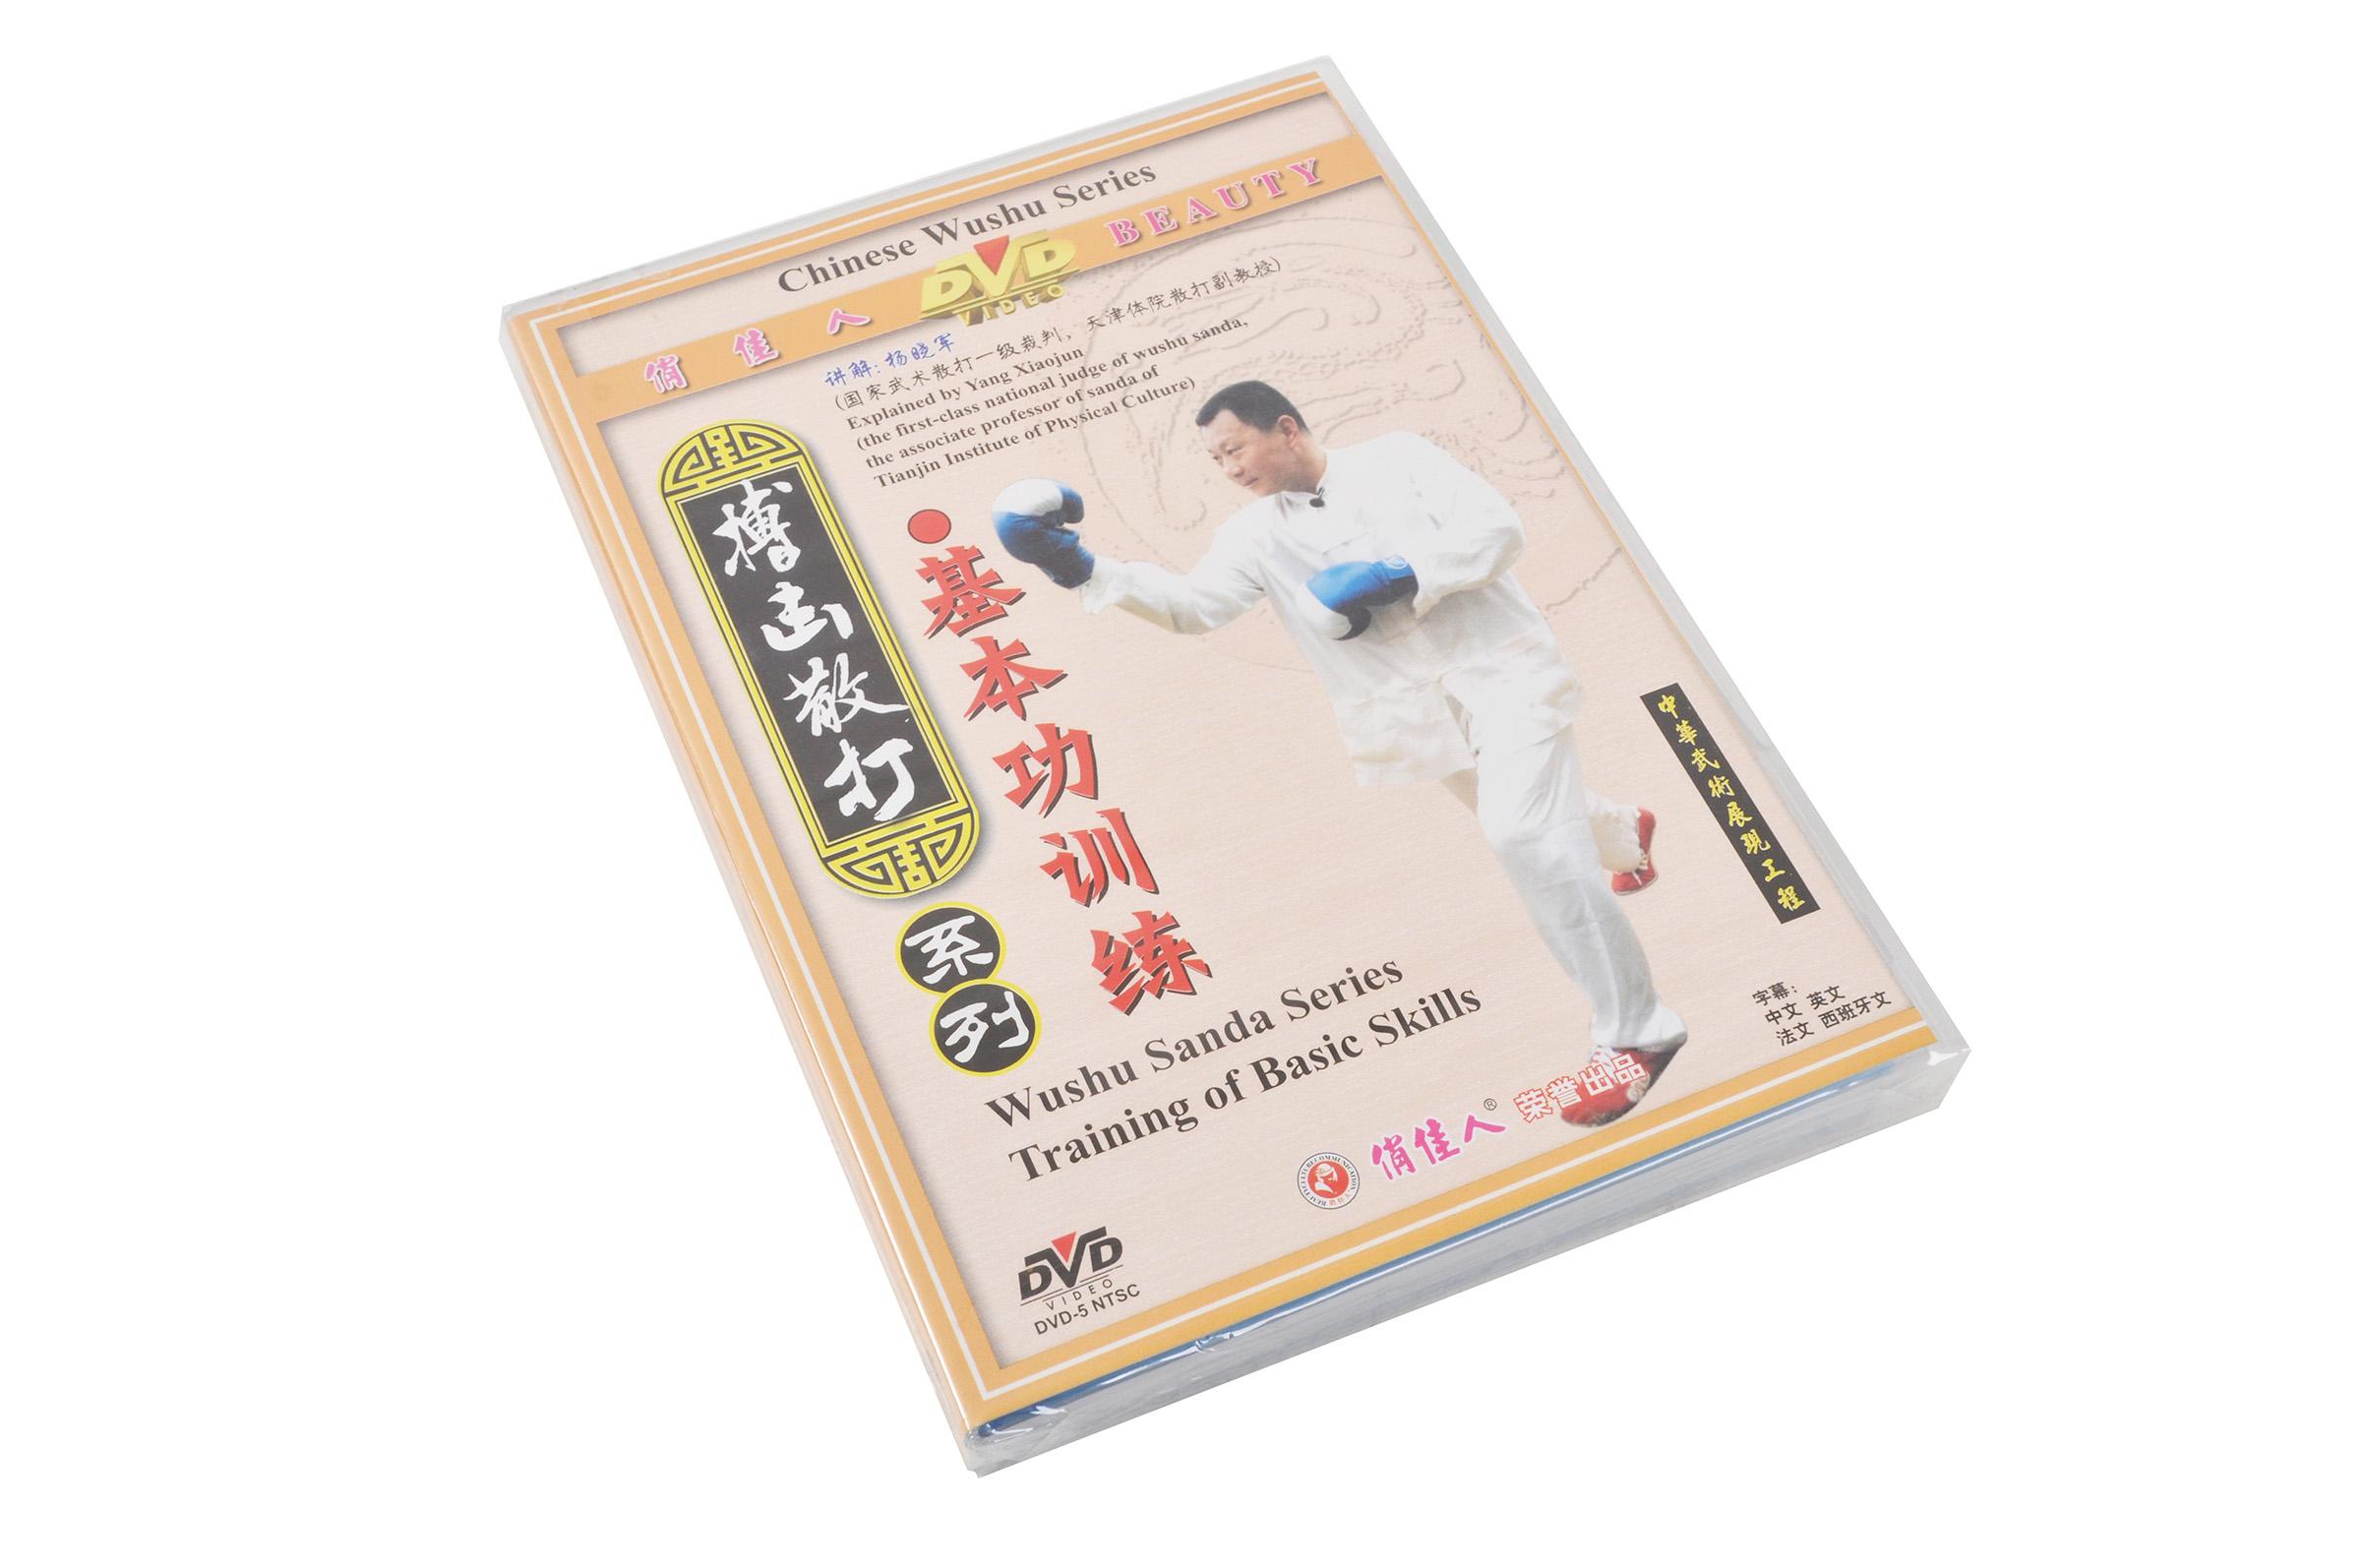 [DVD] Série Sanda : Techniques de base